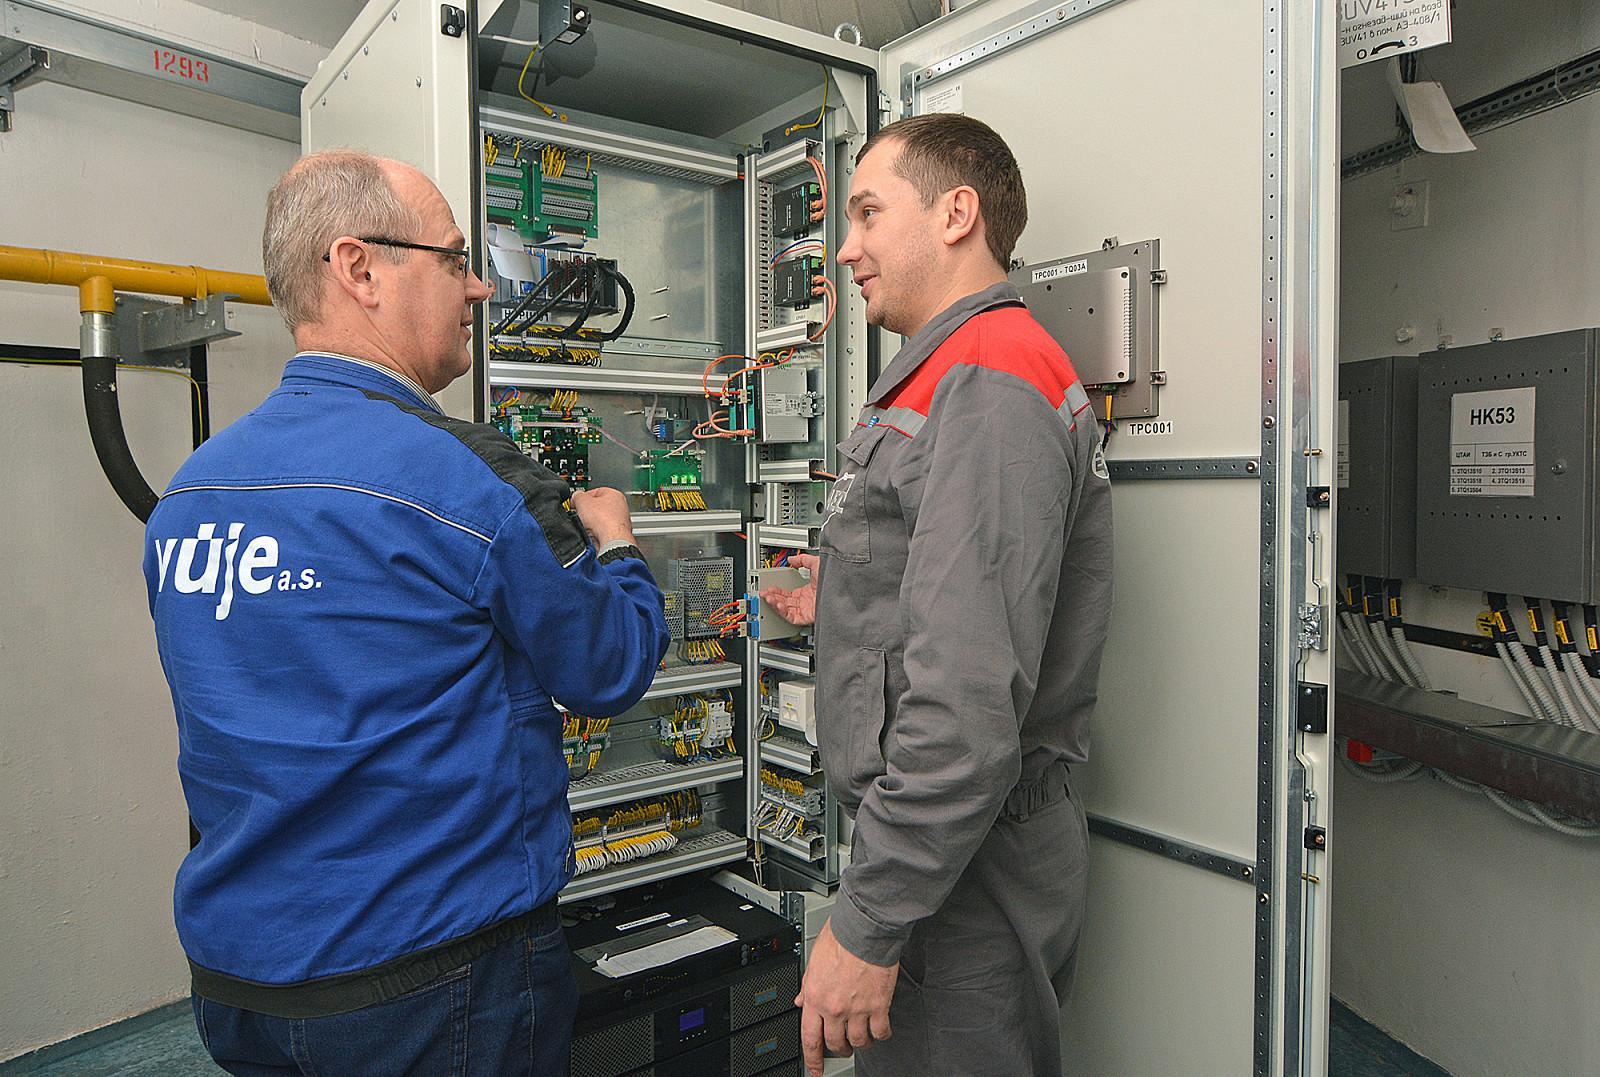 Работники РАЭС прошли обучение по эксплуатации системы контроля концентрации водорода